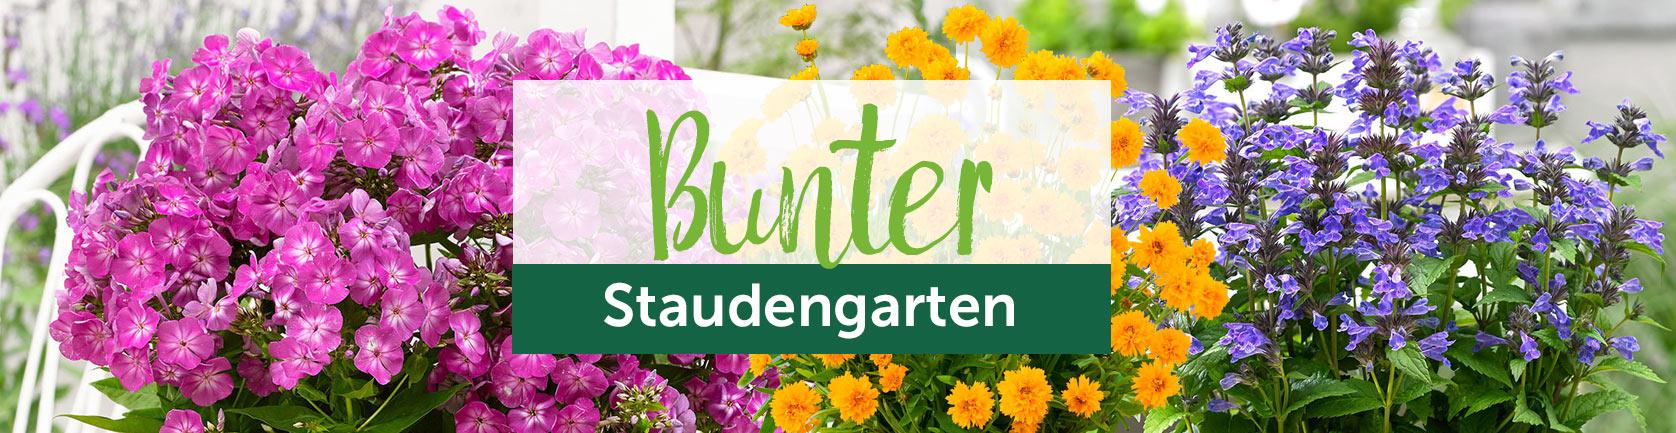 Bunter Staudengarten